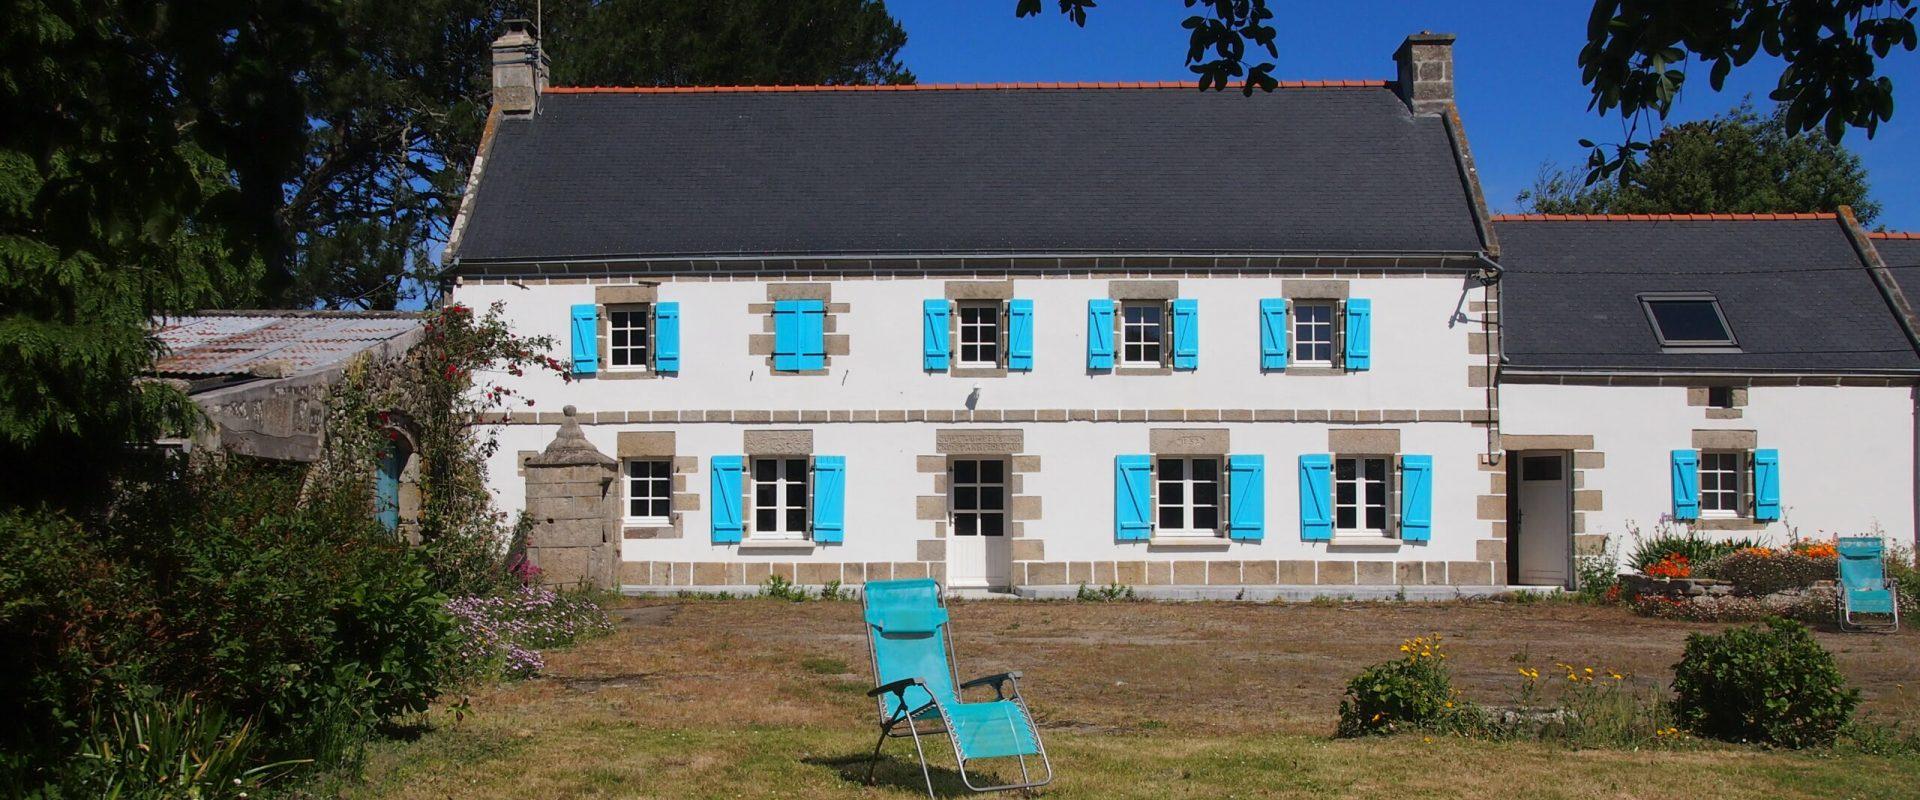 Außenansicht mit blauen Fenster